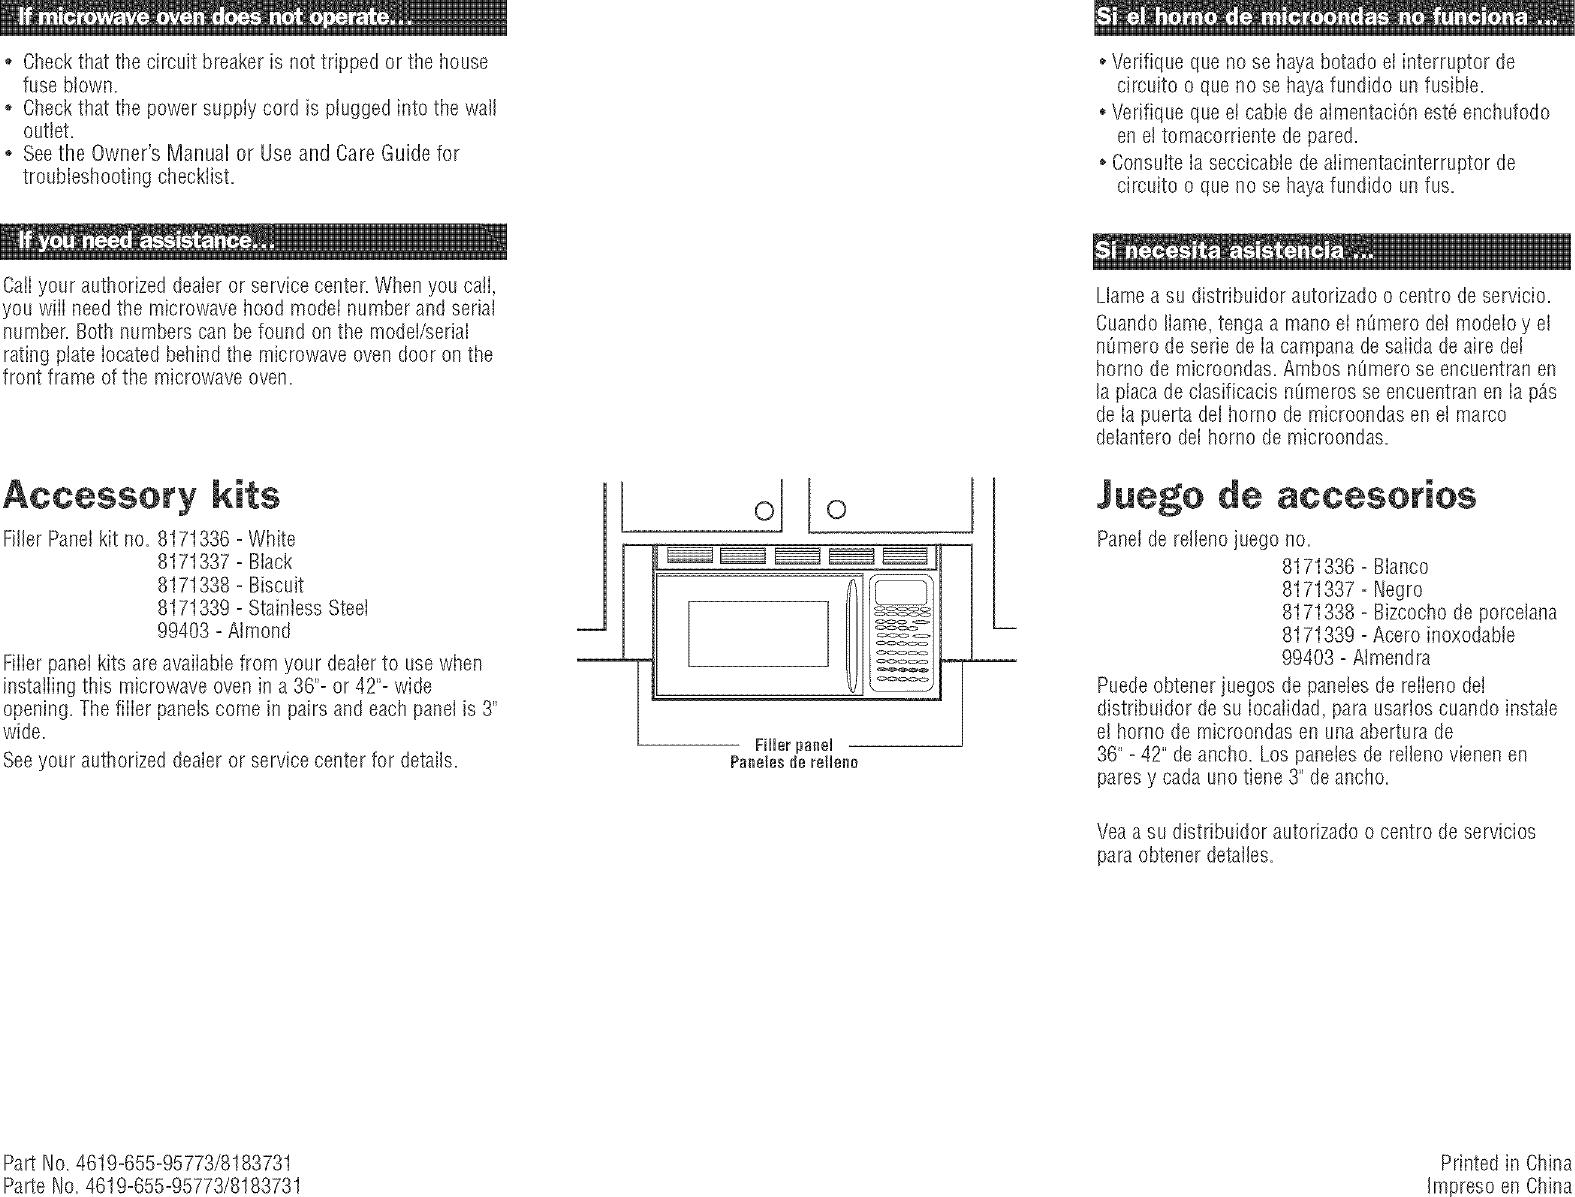 garelli matic manual